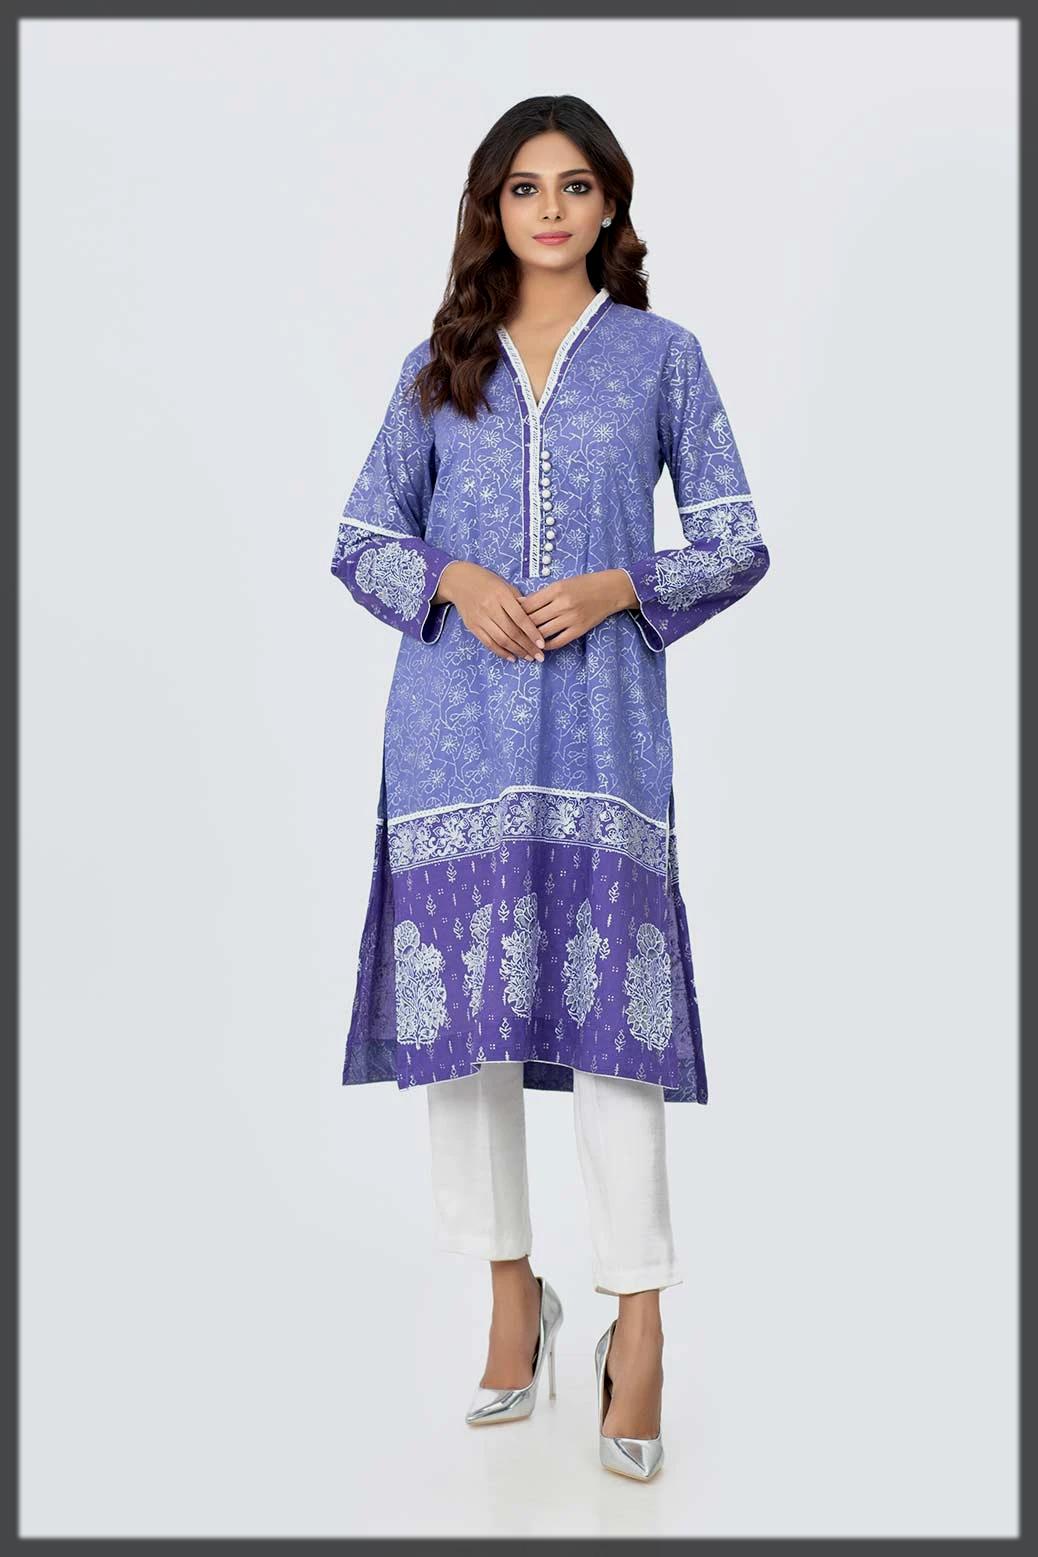 stylish printed kurti by Bonanza Satrangi